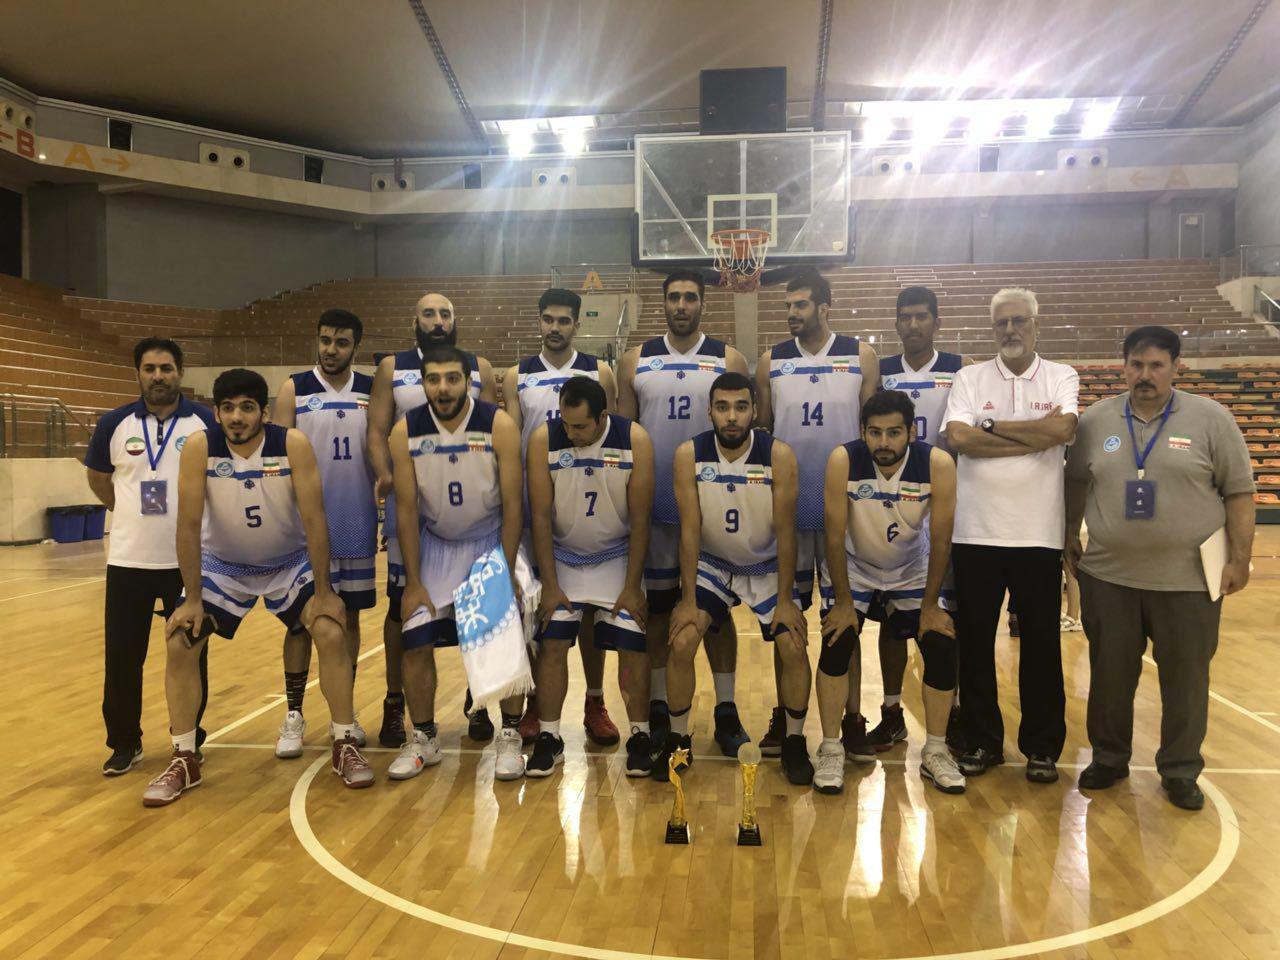 تیم بسکتبال دانشگاه تهران قهرمان رقابت های دانشگاهی شد